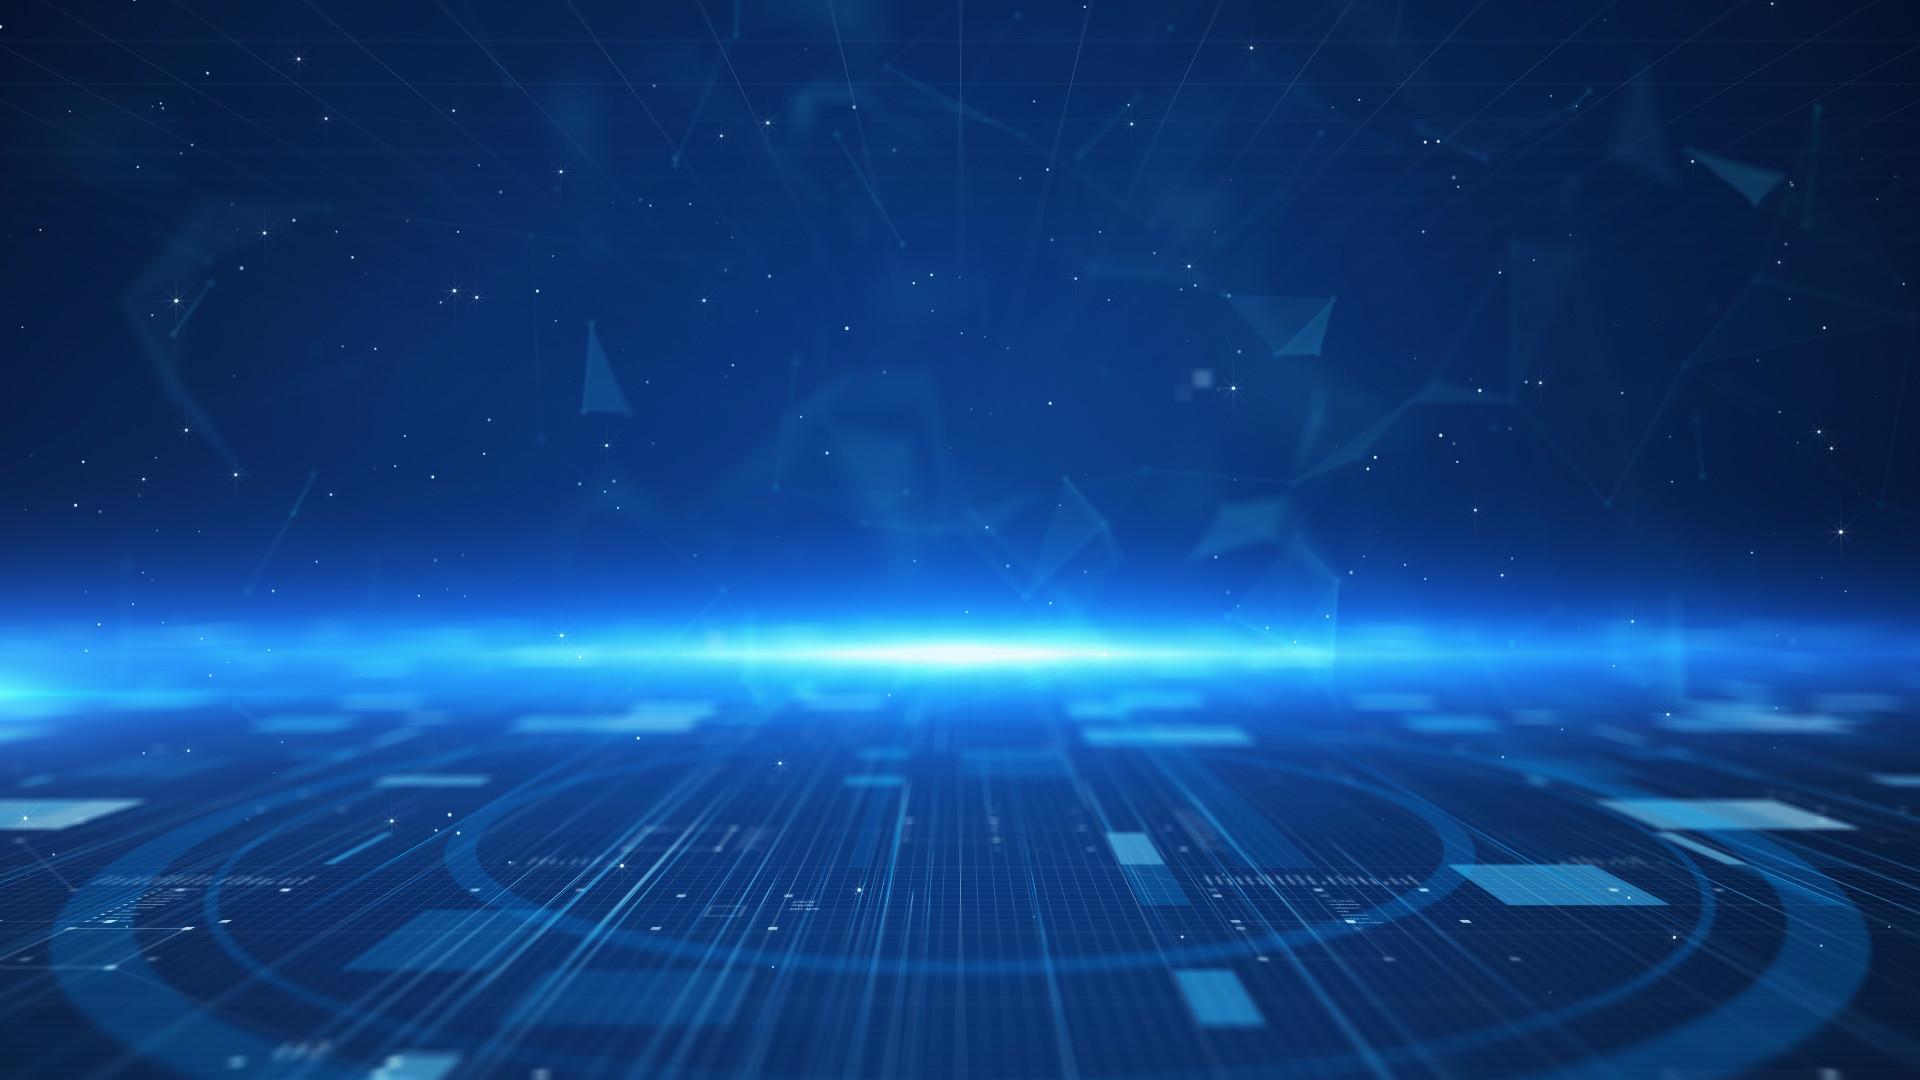 Blue Technology: Blue Digital Technology Terrain